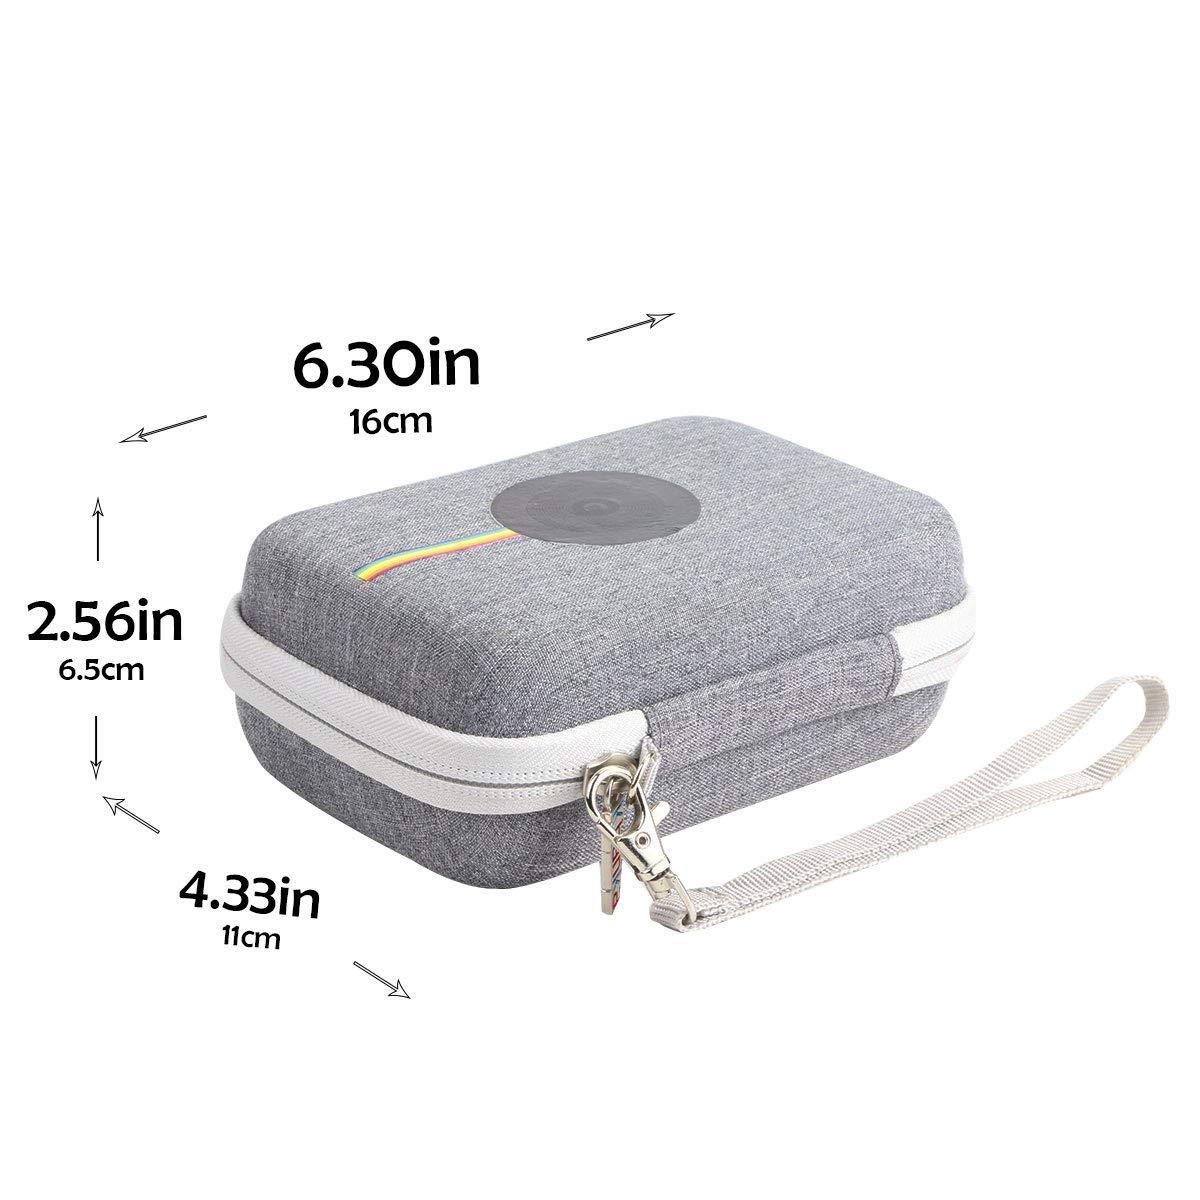 Khanka EVA custodia viaggi borsa portaoggetti per Polaroid Snap Touch 2.0 //Snap Touch Fotocamera digitale a stampa istantanea Zink Zero portatile. cerniera viola